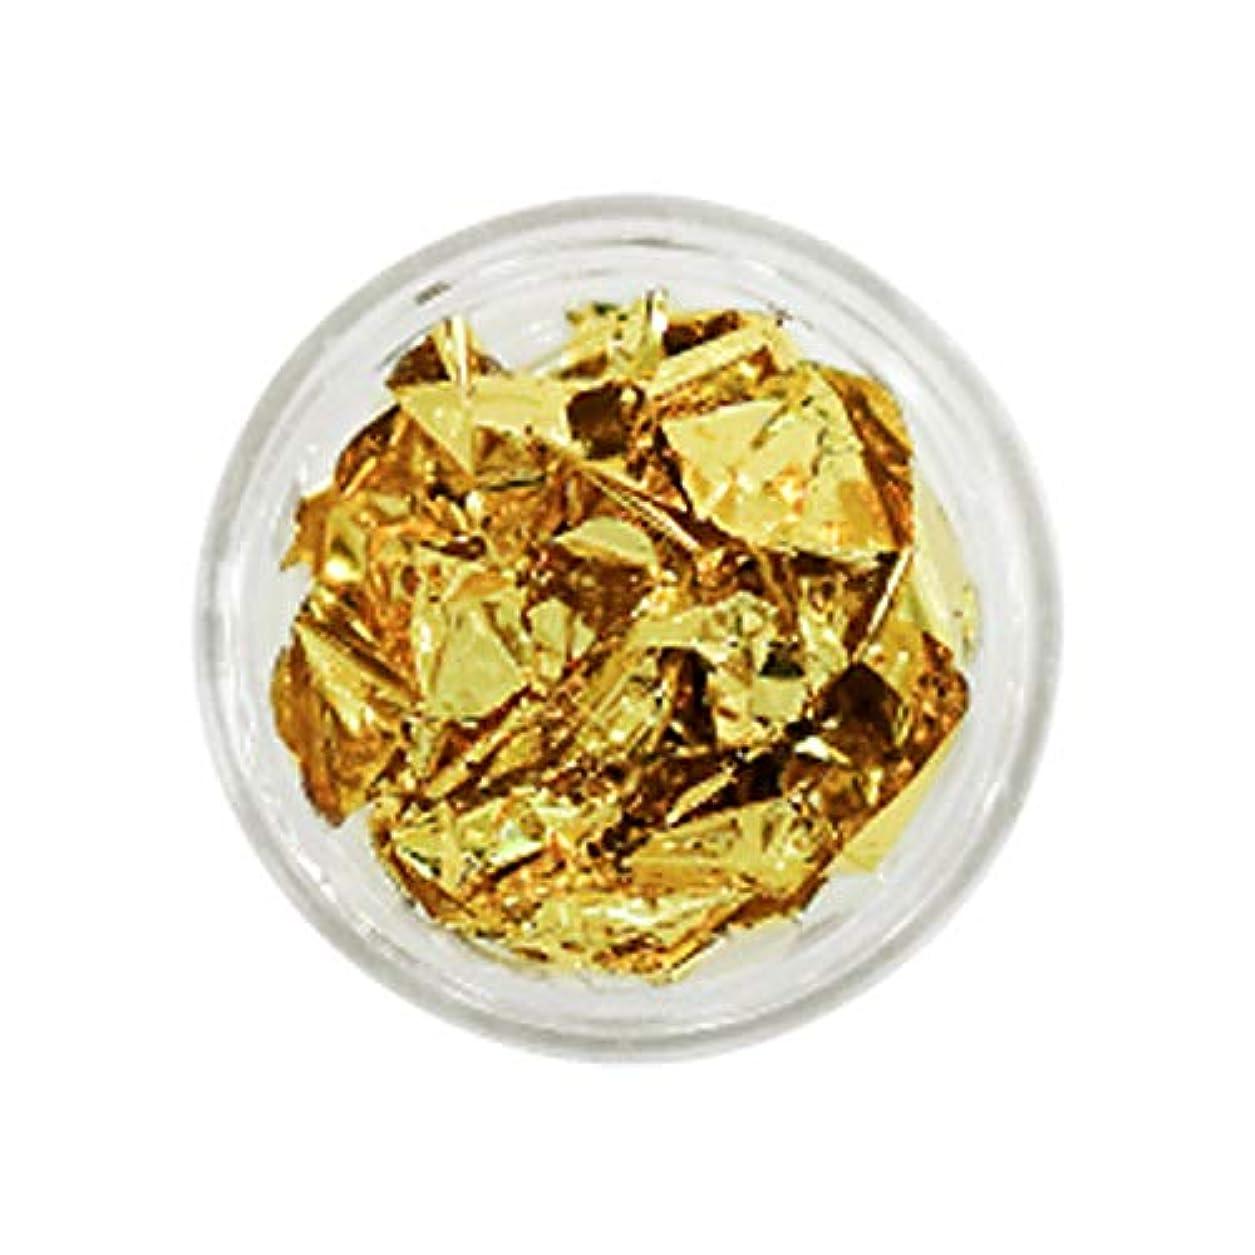 決めます人間最小化するBonnail(ボンネイル) 箔セレクション プラチナゴールド